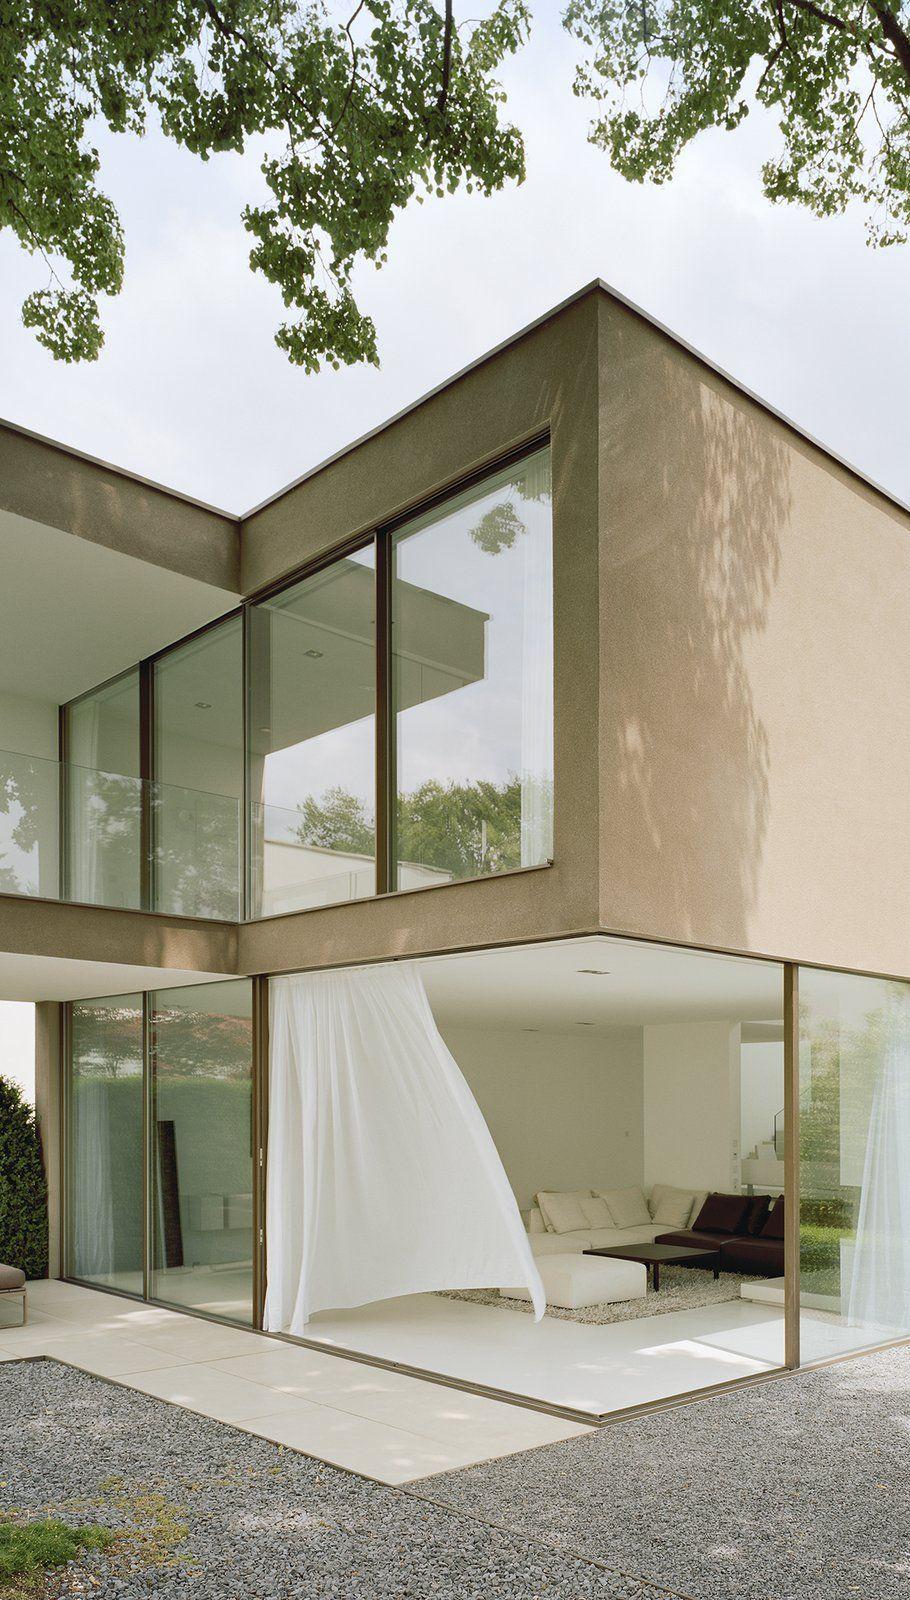 Wunderbar Welche Fassadenfarbe Passt Zu Braunen Fenstern Ideen Von Skyframe Windows